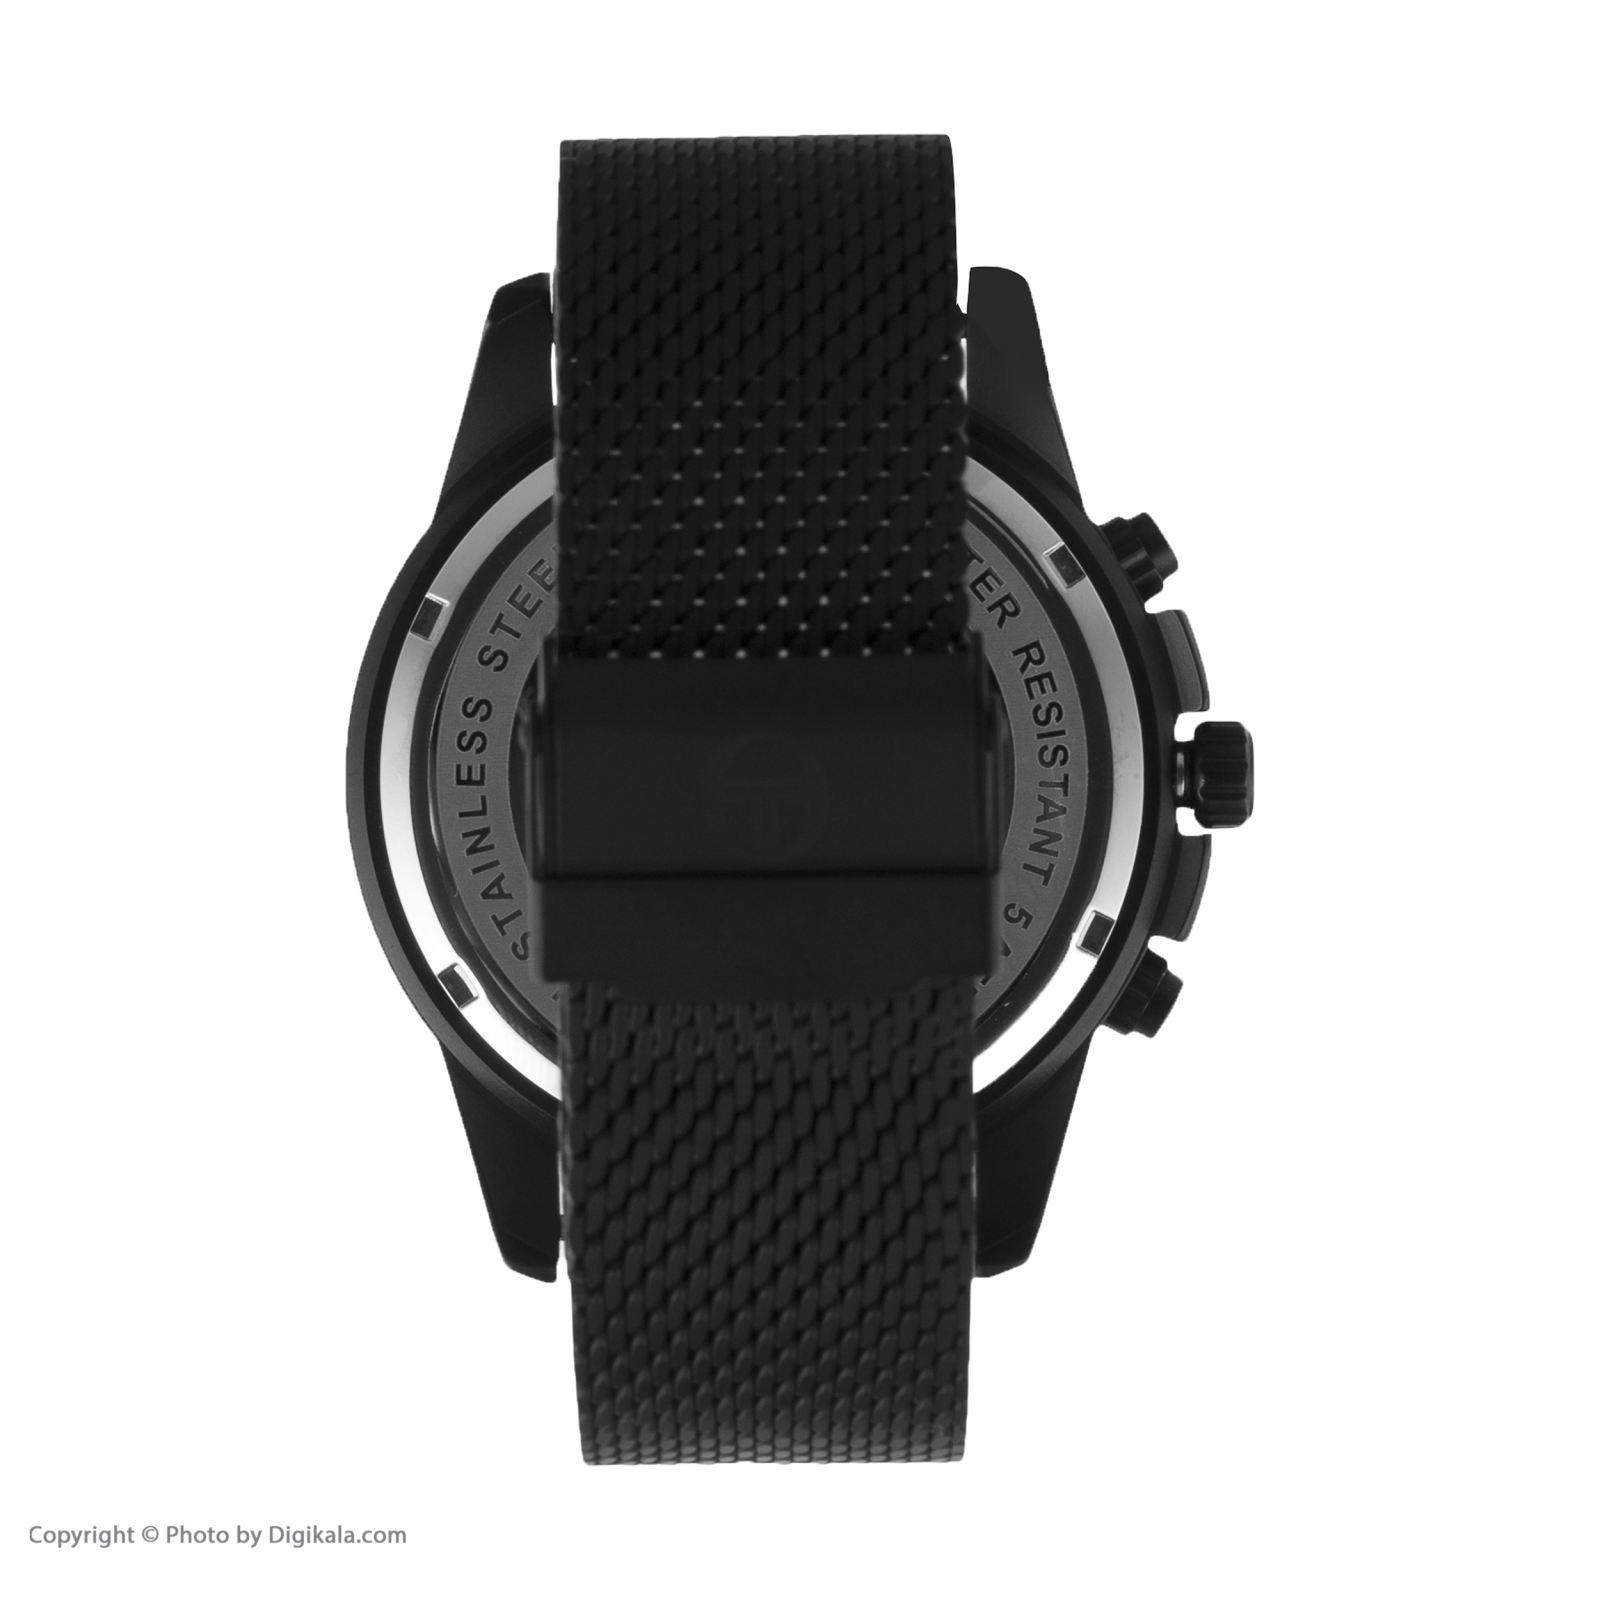 ساعت مچی عقربه ای مردانه سرجیو تاچینی مدل ST.19.109.06 -  - 2